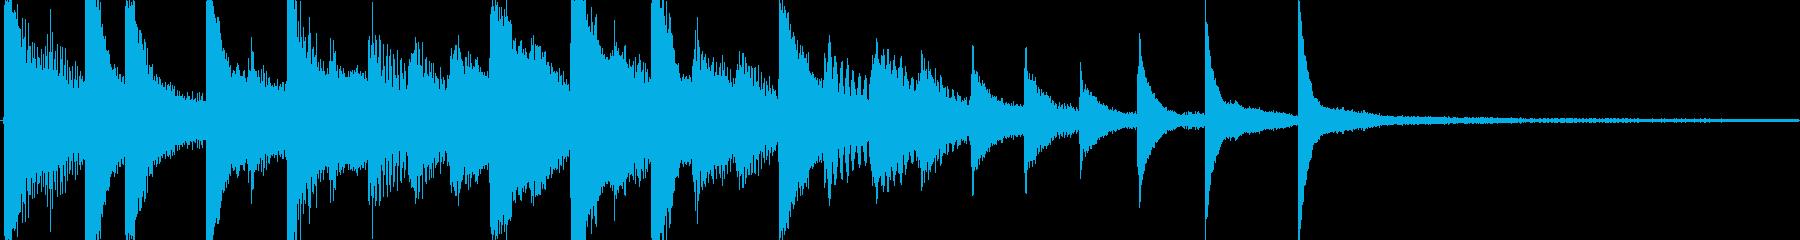 落ち着いたピアノソロでのゲームオーバー…の再生済みの波形